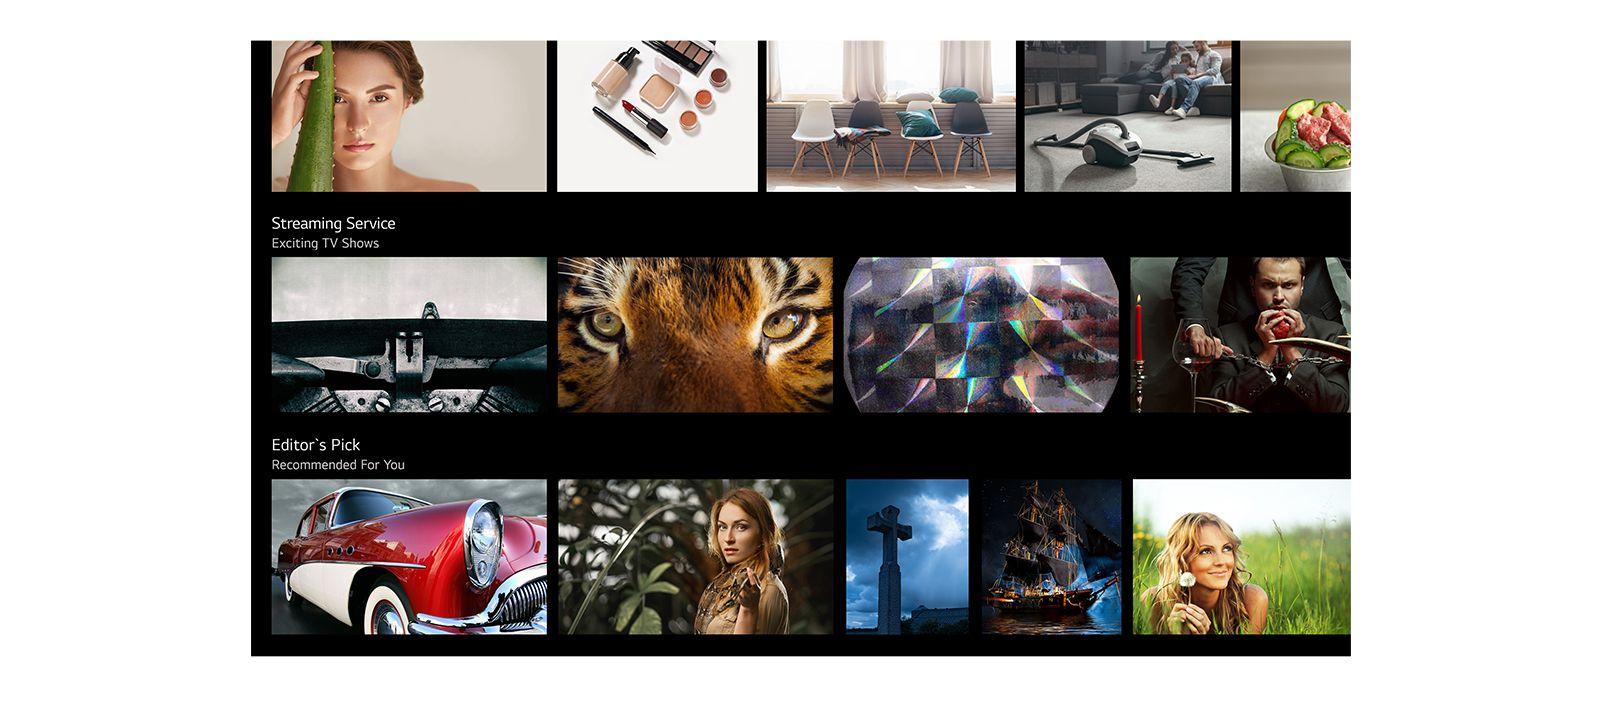 TV zaslon z različnimi vsebinami, ki jih navaja in priporoča LG ThinQ AI